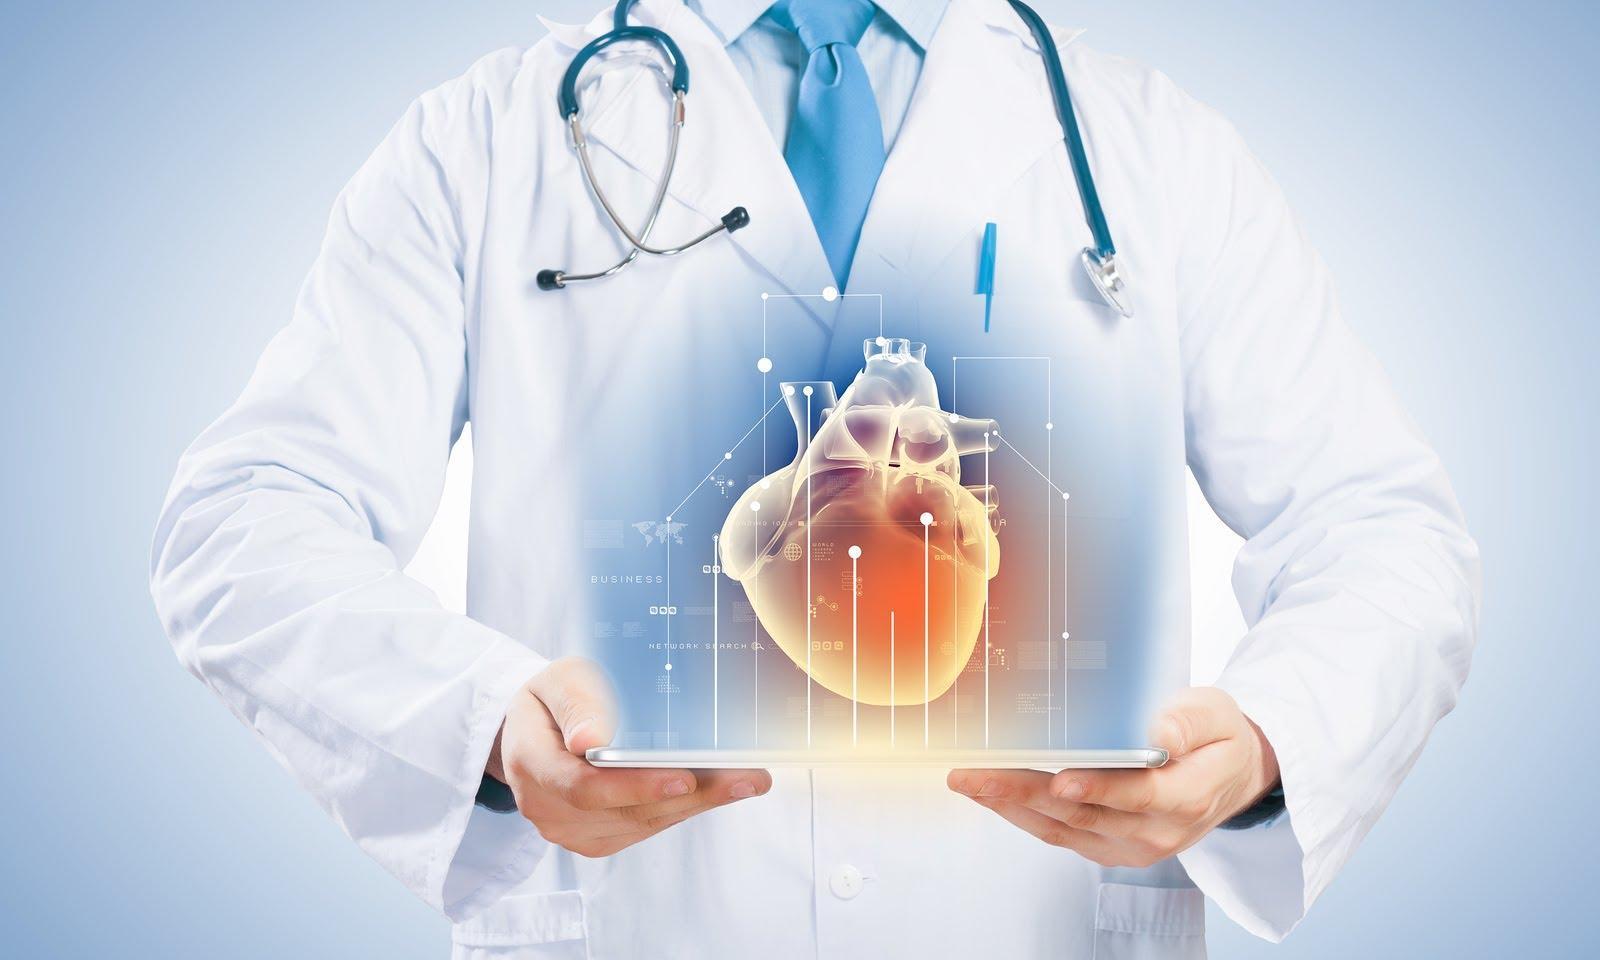 Больничные врачи и будущее диагностики автомобилей